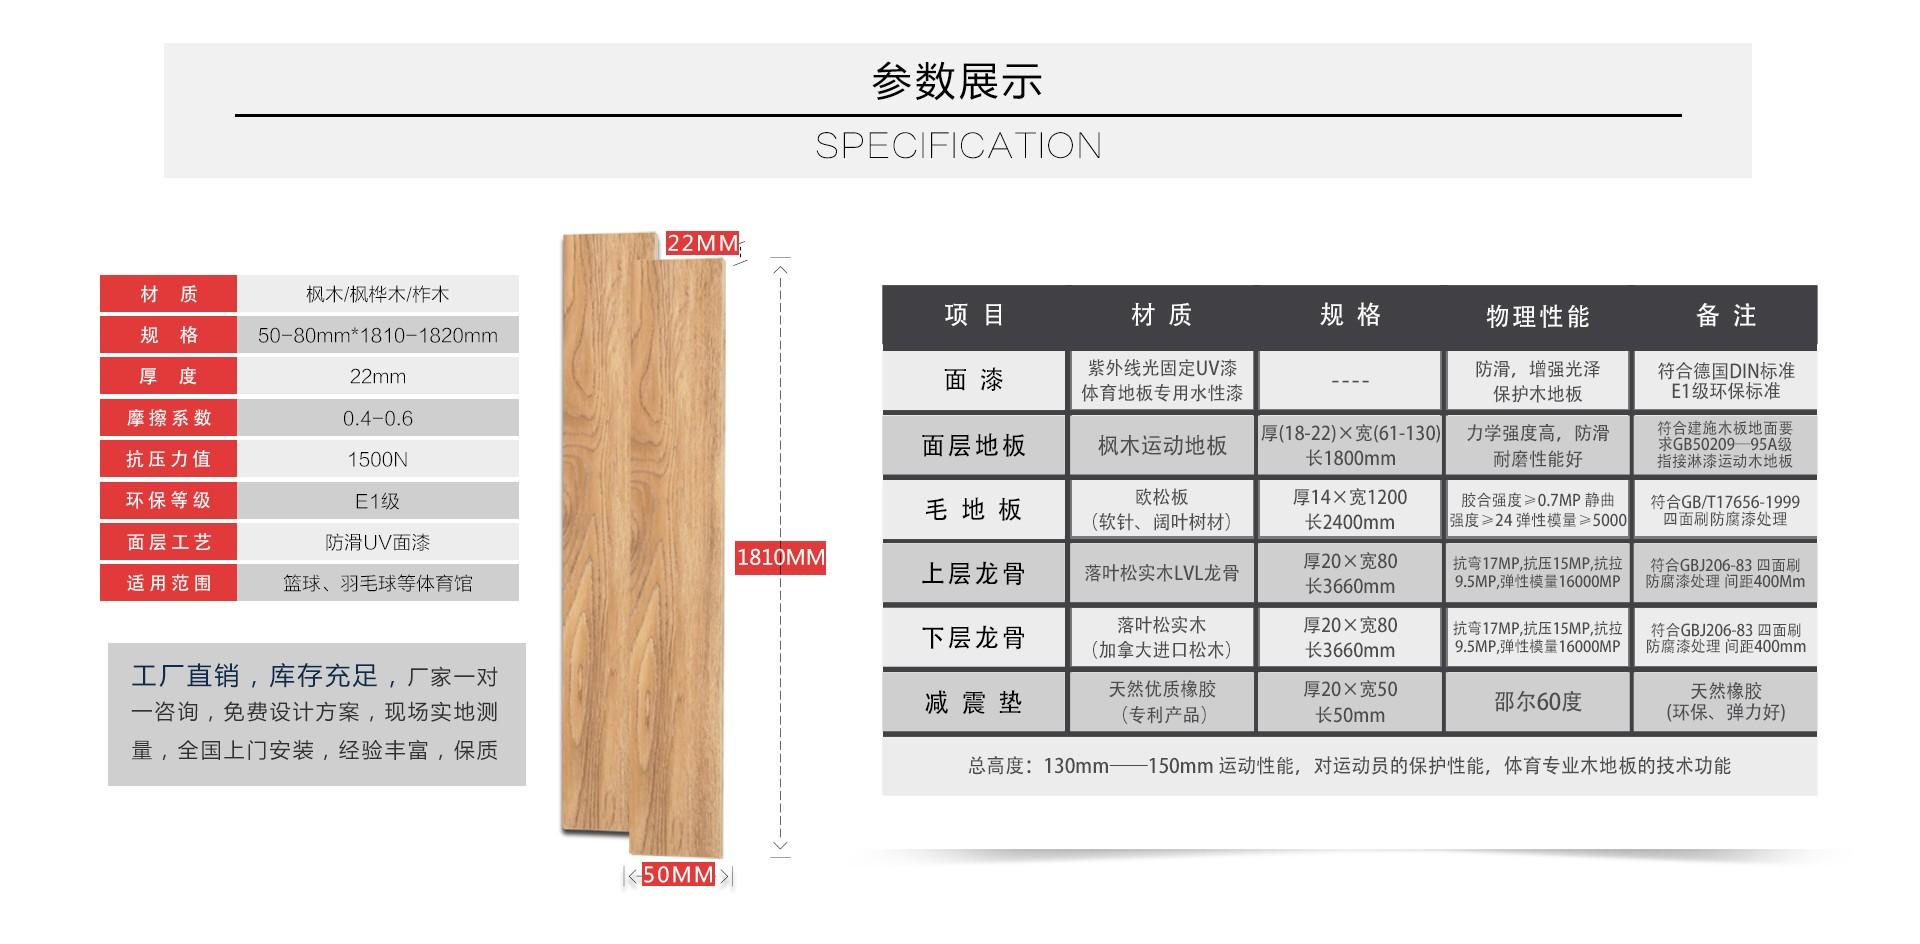 实木地板木材参数